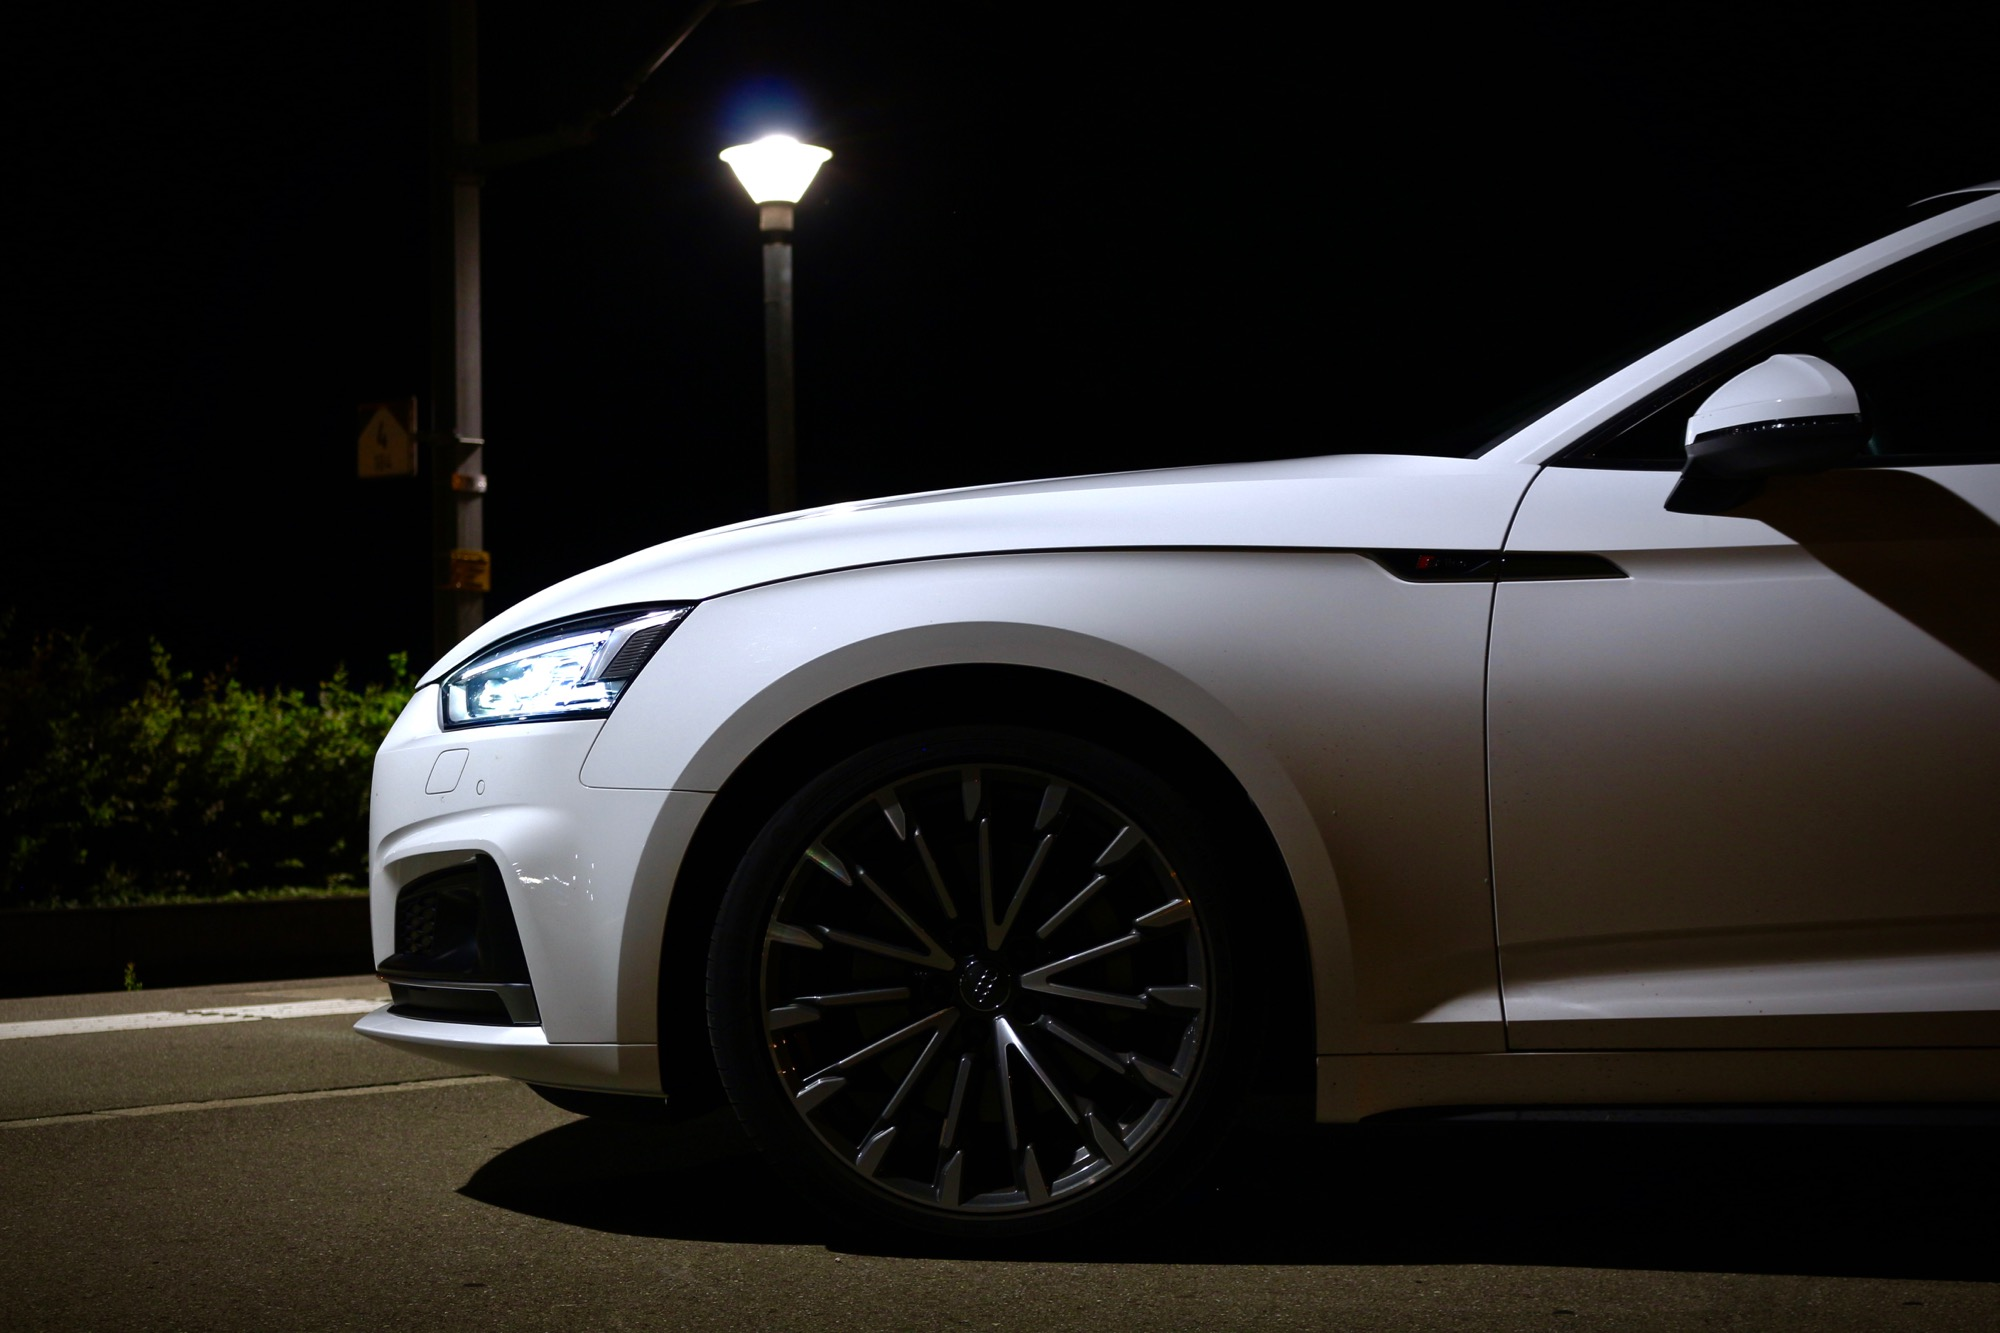 Audi A5 Coupé: Alles echt?